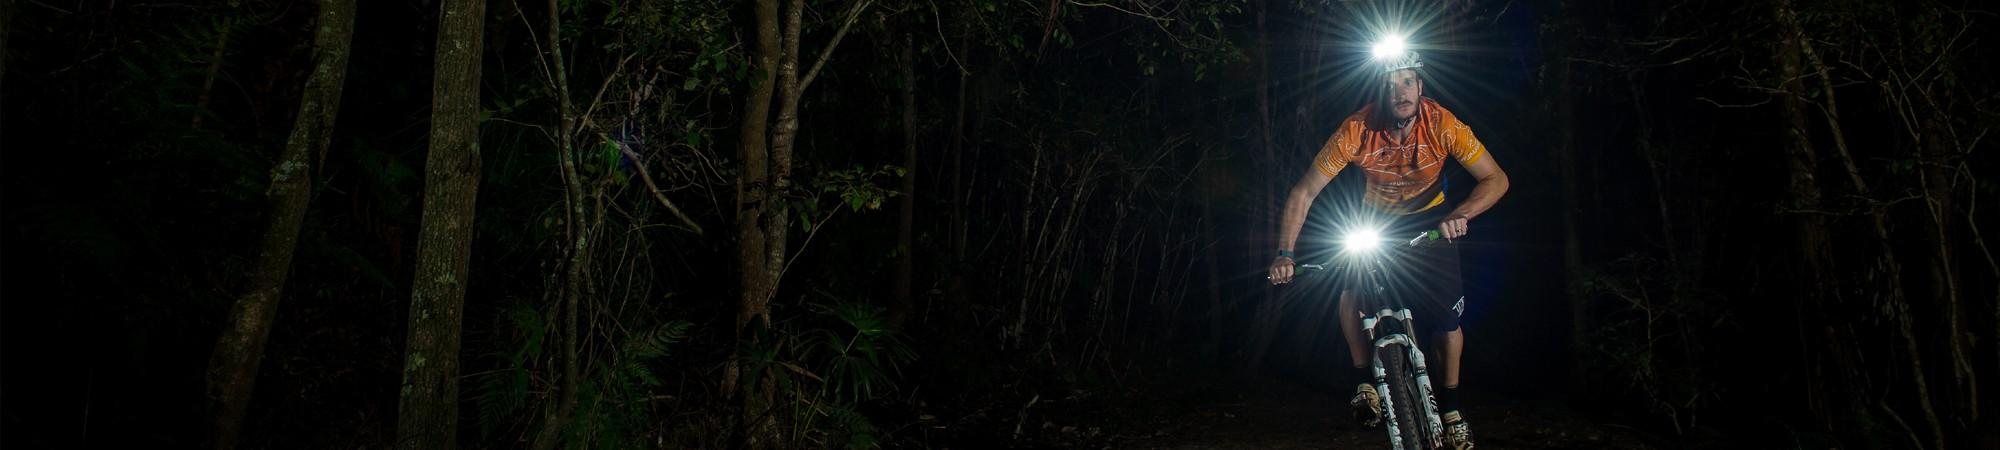 mtb i mørket med cykellygte